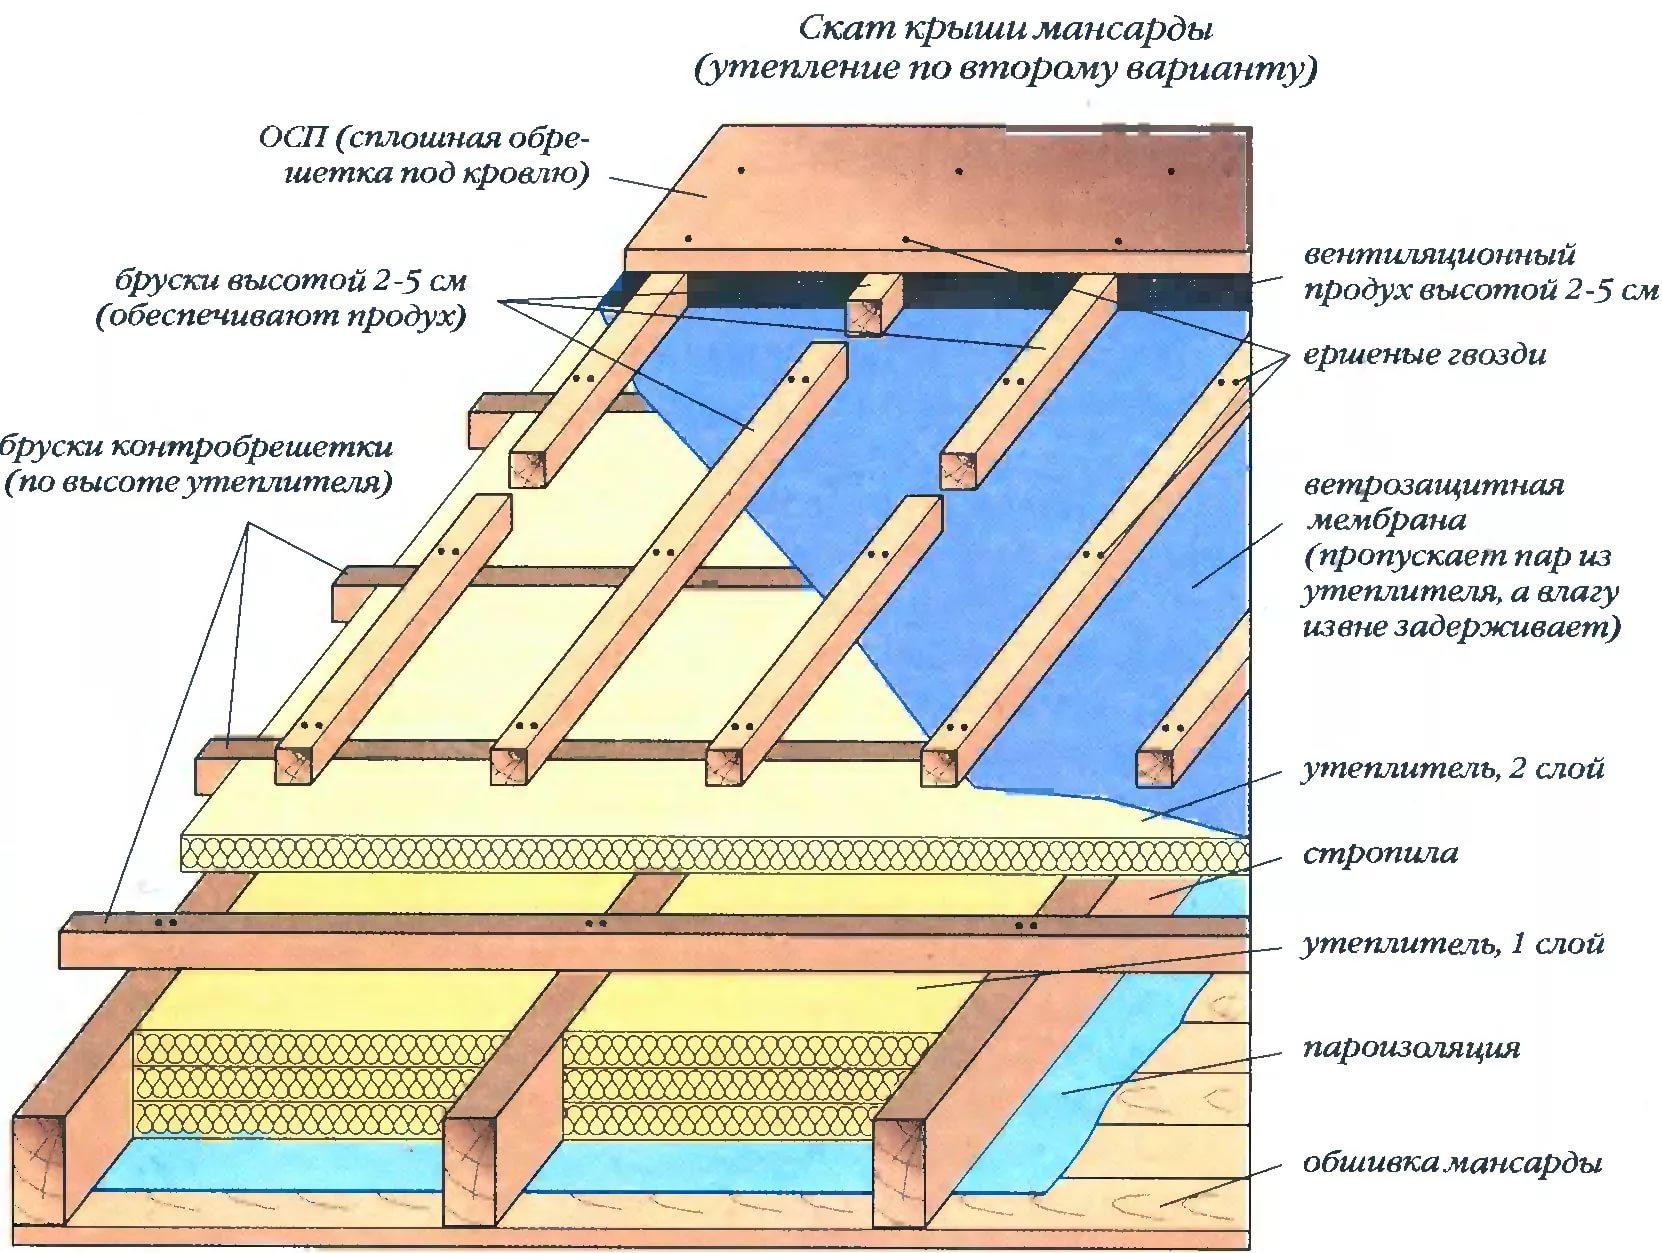 Шумоизоляцию солярис материала на сколько